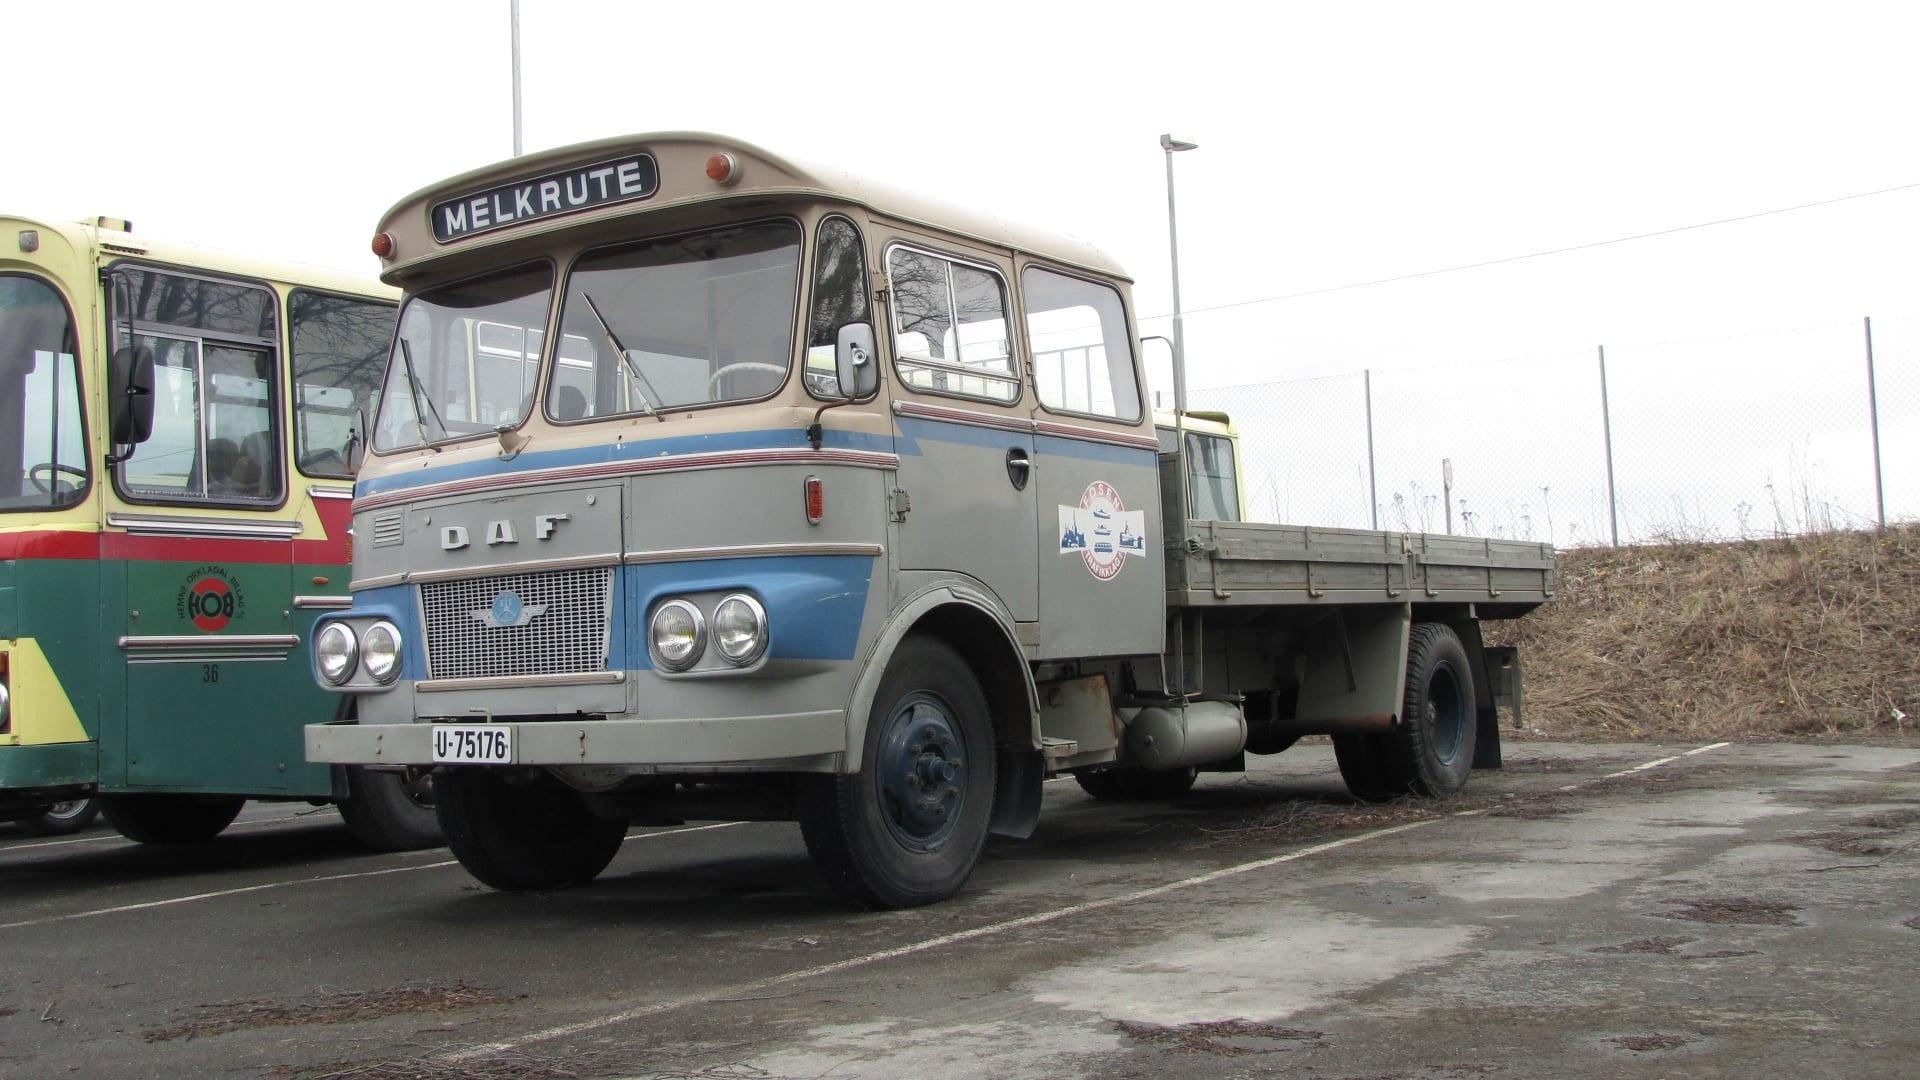 DAF-in-Noorwegen-Bus-voor-scholieren-Vrachtwagen-voor-melk-op-te-halen-Fosen-Schiereiland-naar-Trondheim-V-V--(4)